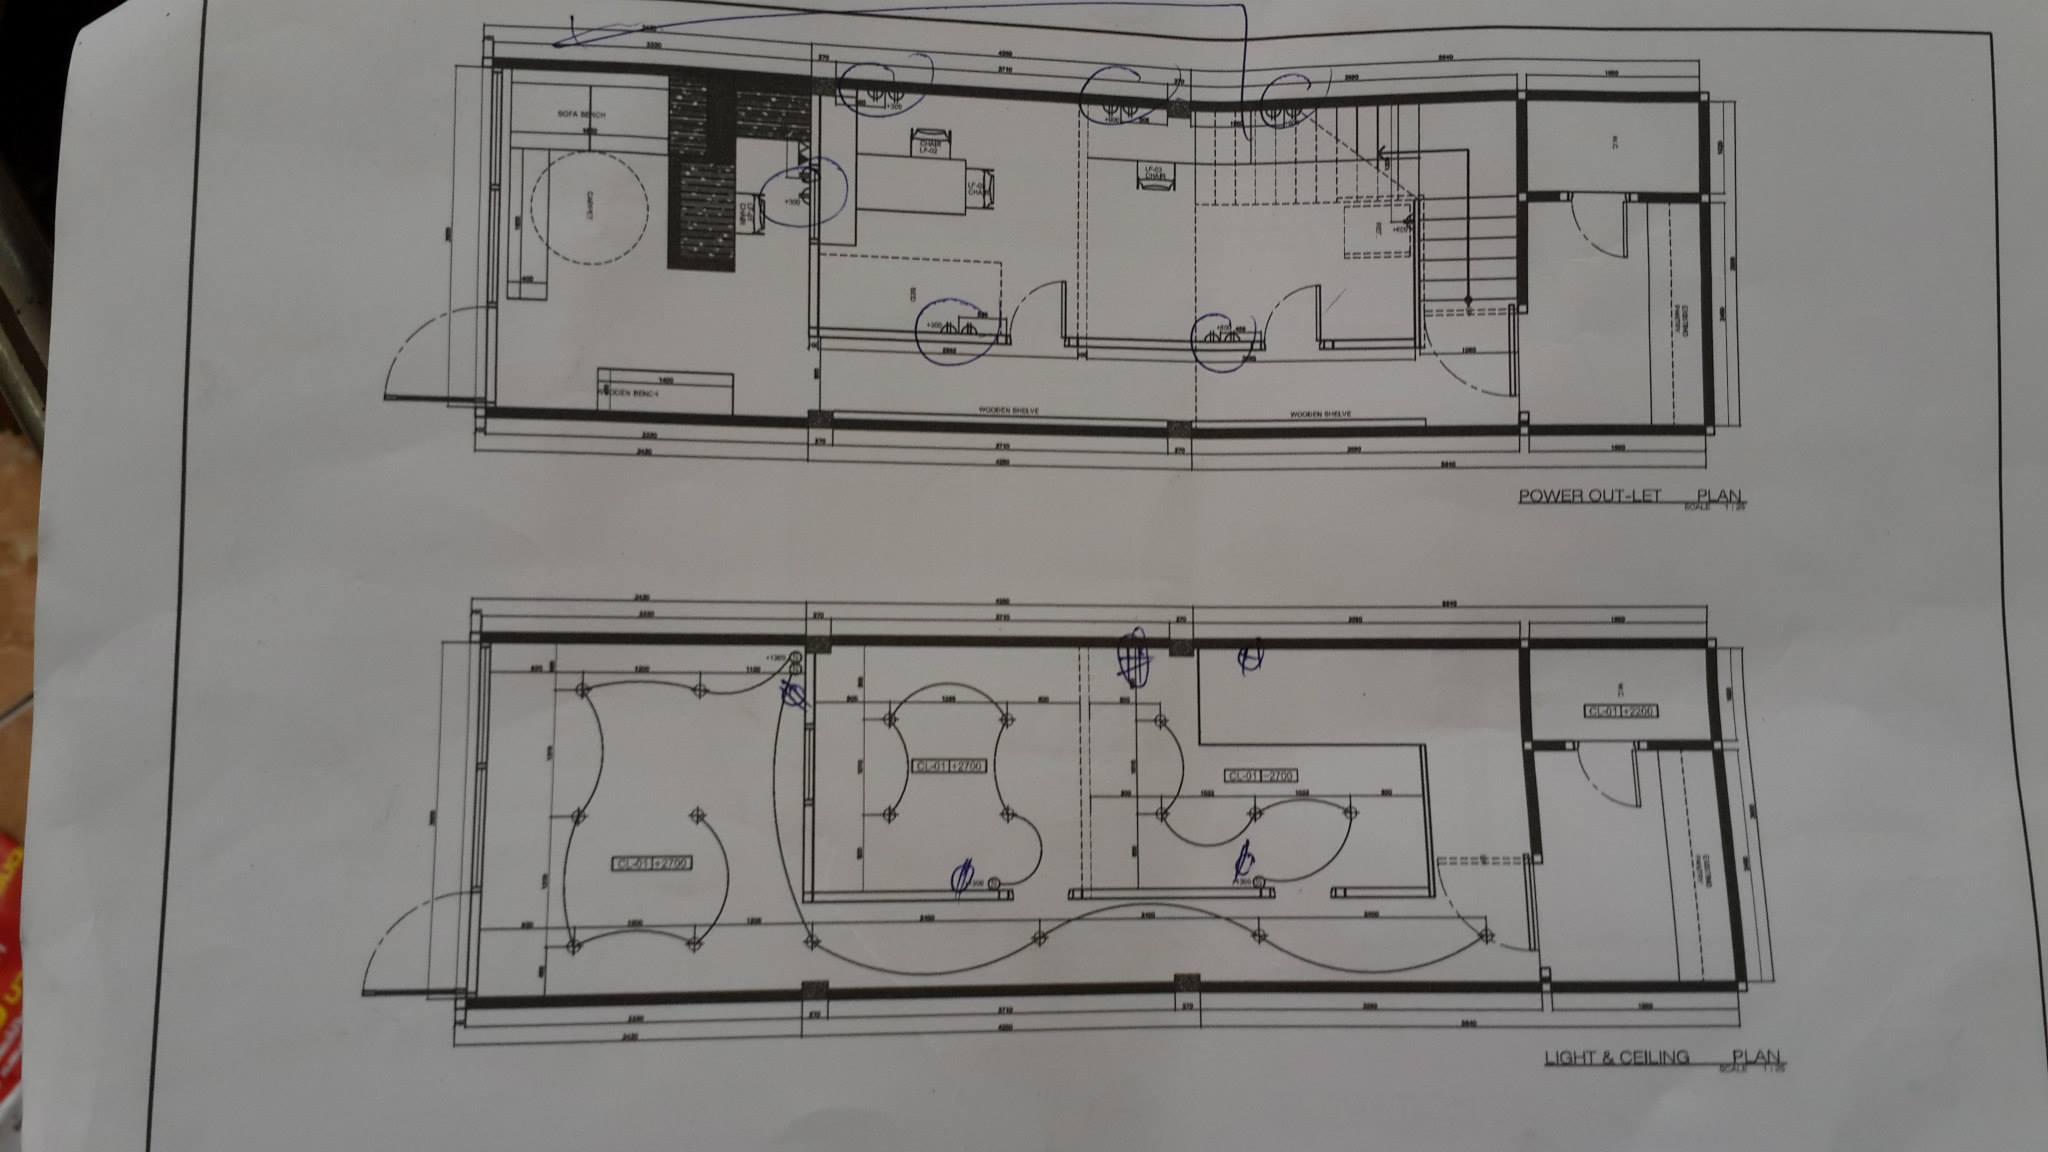 แผนผัง งานไฟฟ้าในอาคาร